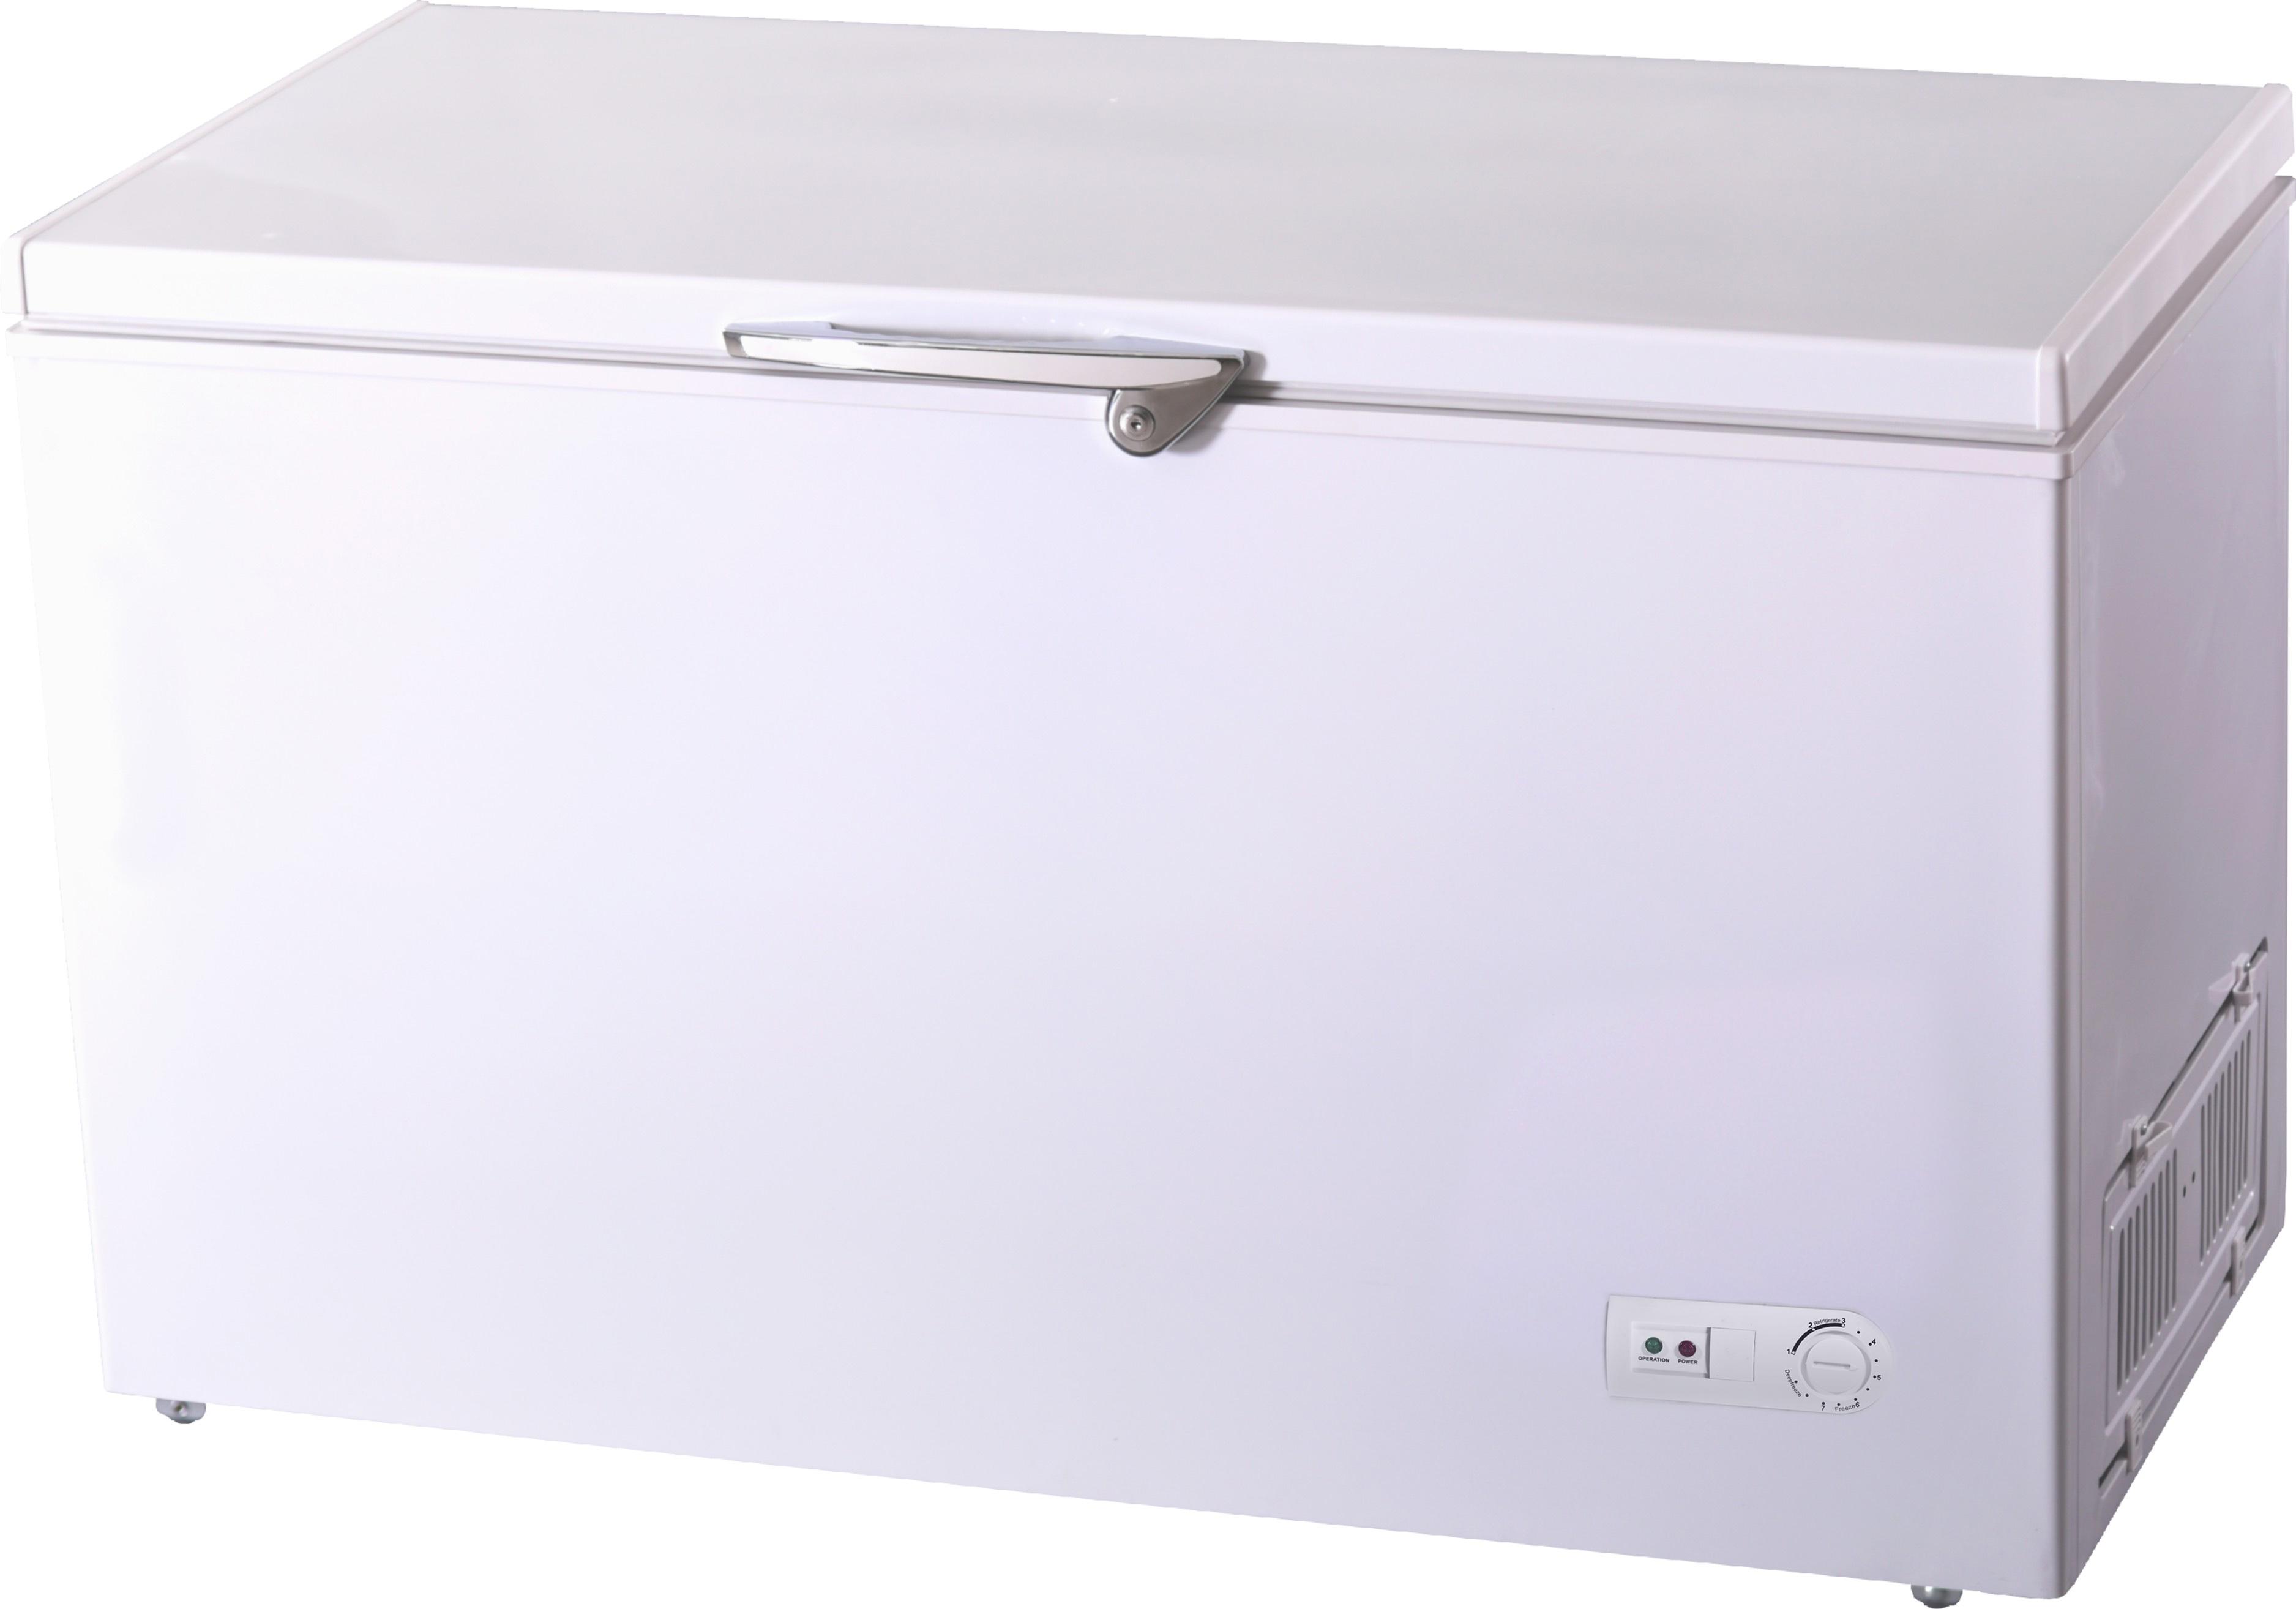 משהו רציני מקפיאים - הקונטיינר מהיצרן לצרכן ,מוצרי חשמל ביתיים 03-6707620 ND-41